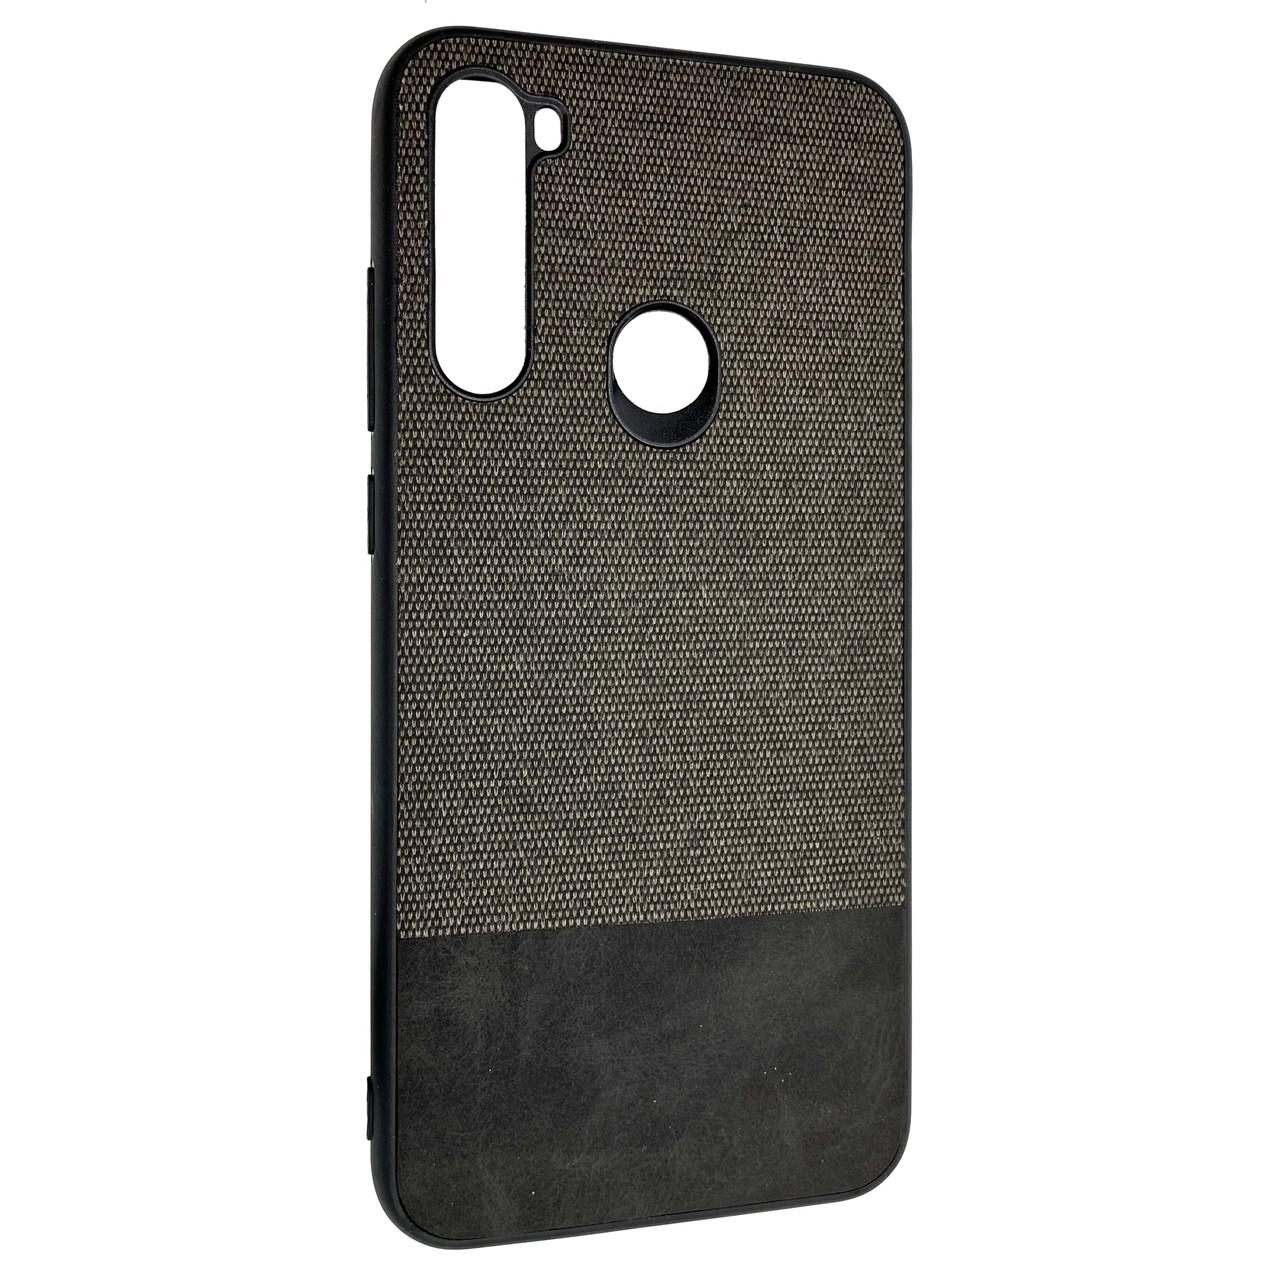 Чехол DK Silicone Form Fabric Cotton Xiaomi Redmi Note 8T (black)